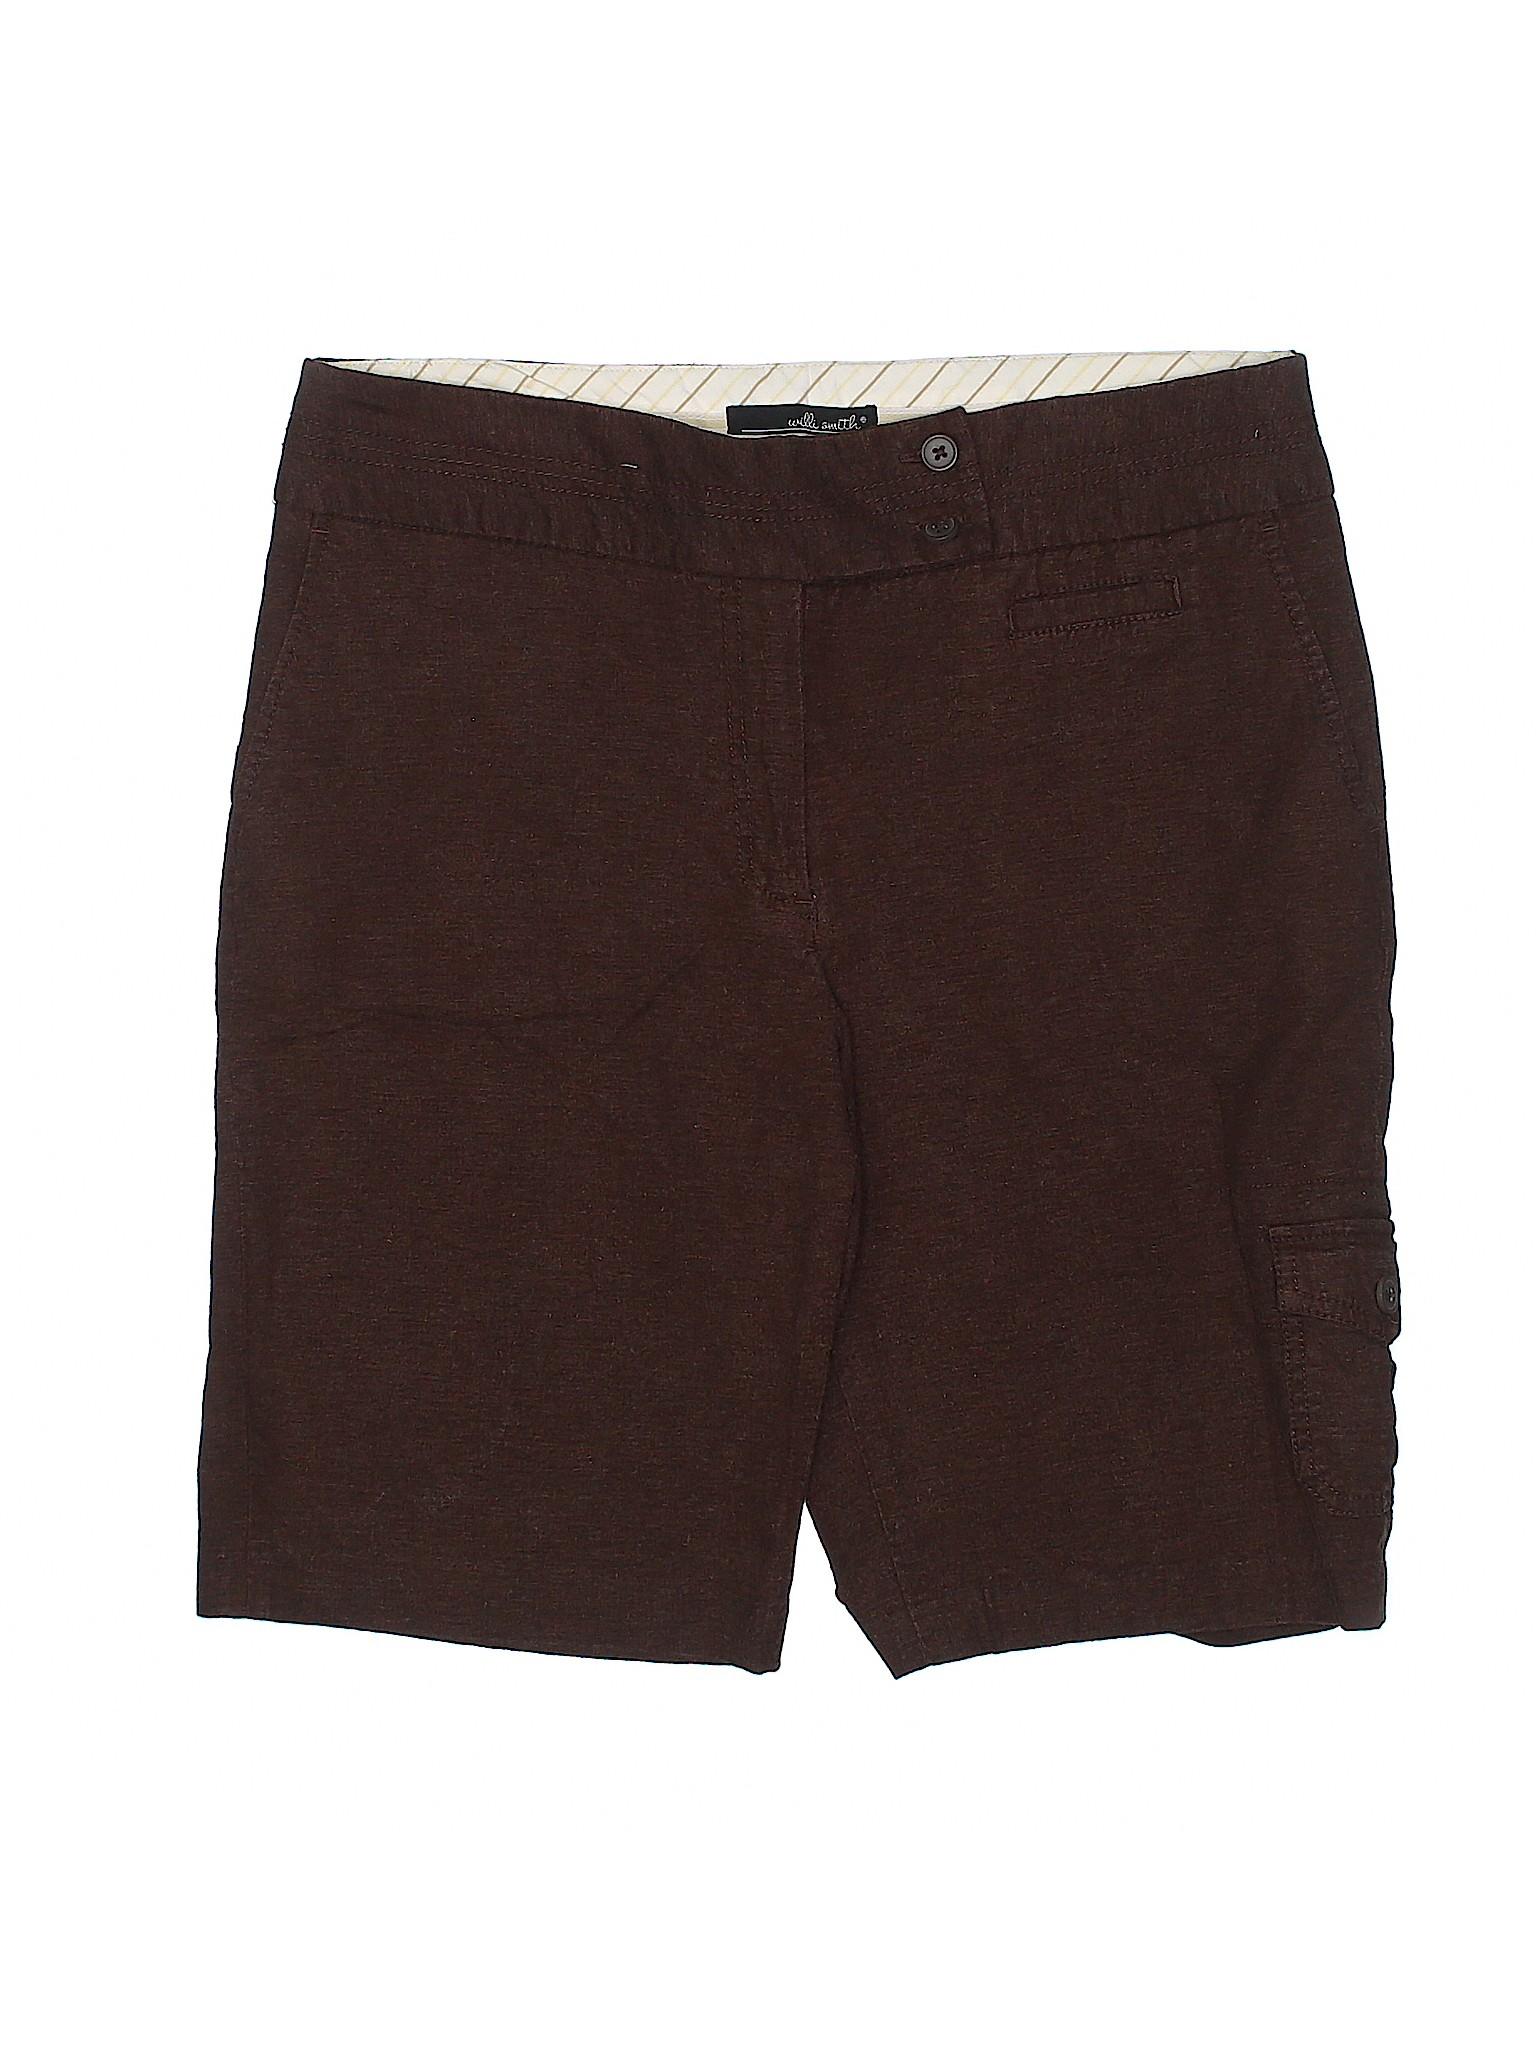 Willi Willi Boutique Smith Boutique Khaki Khaki Smith Shorts fIw7n